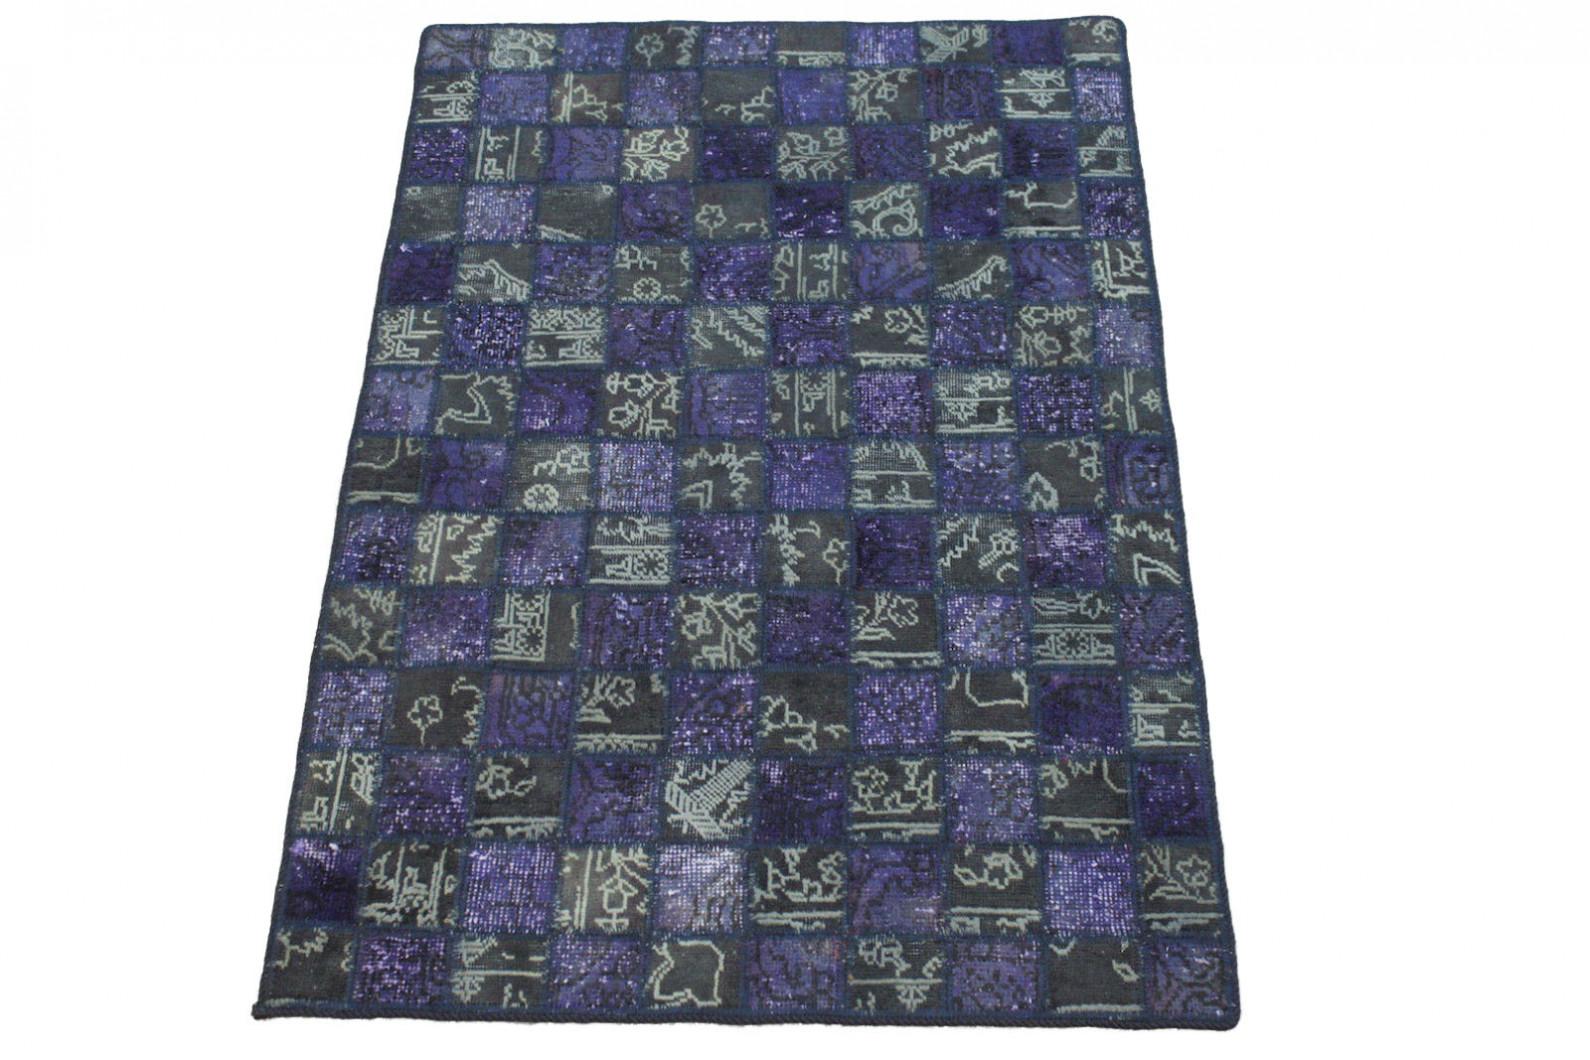 Patchwork Teppich Lila Grau in 150x100cm (1001-2988) bei carpetido ...